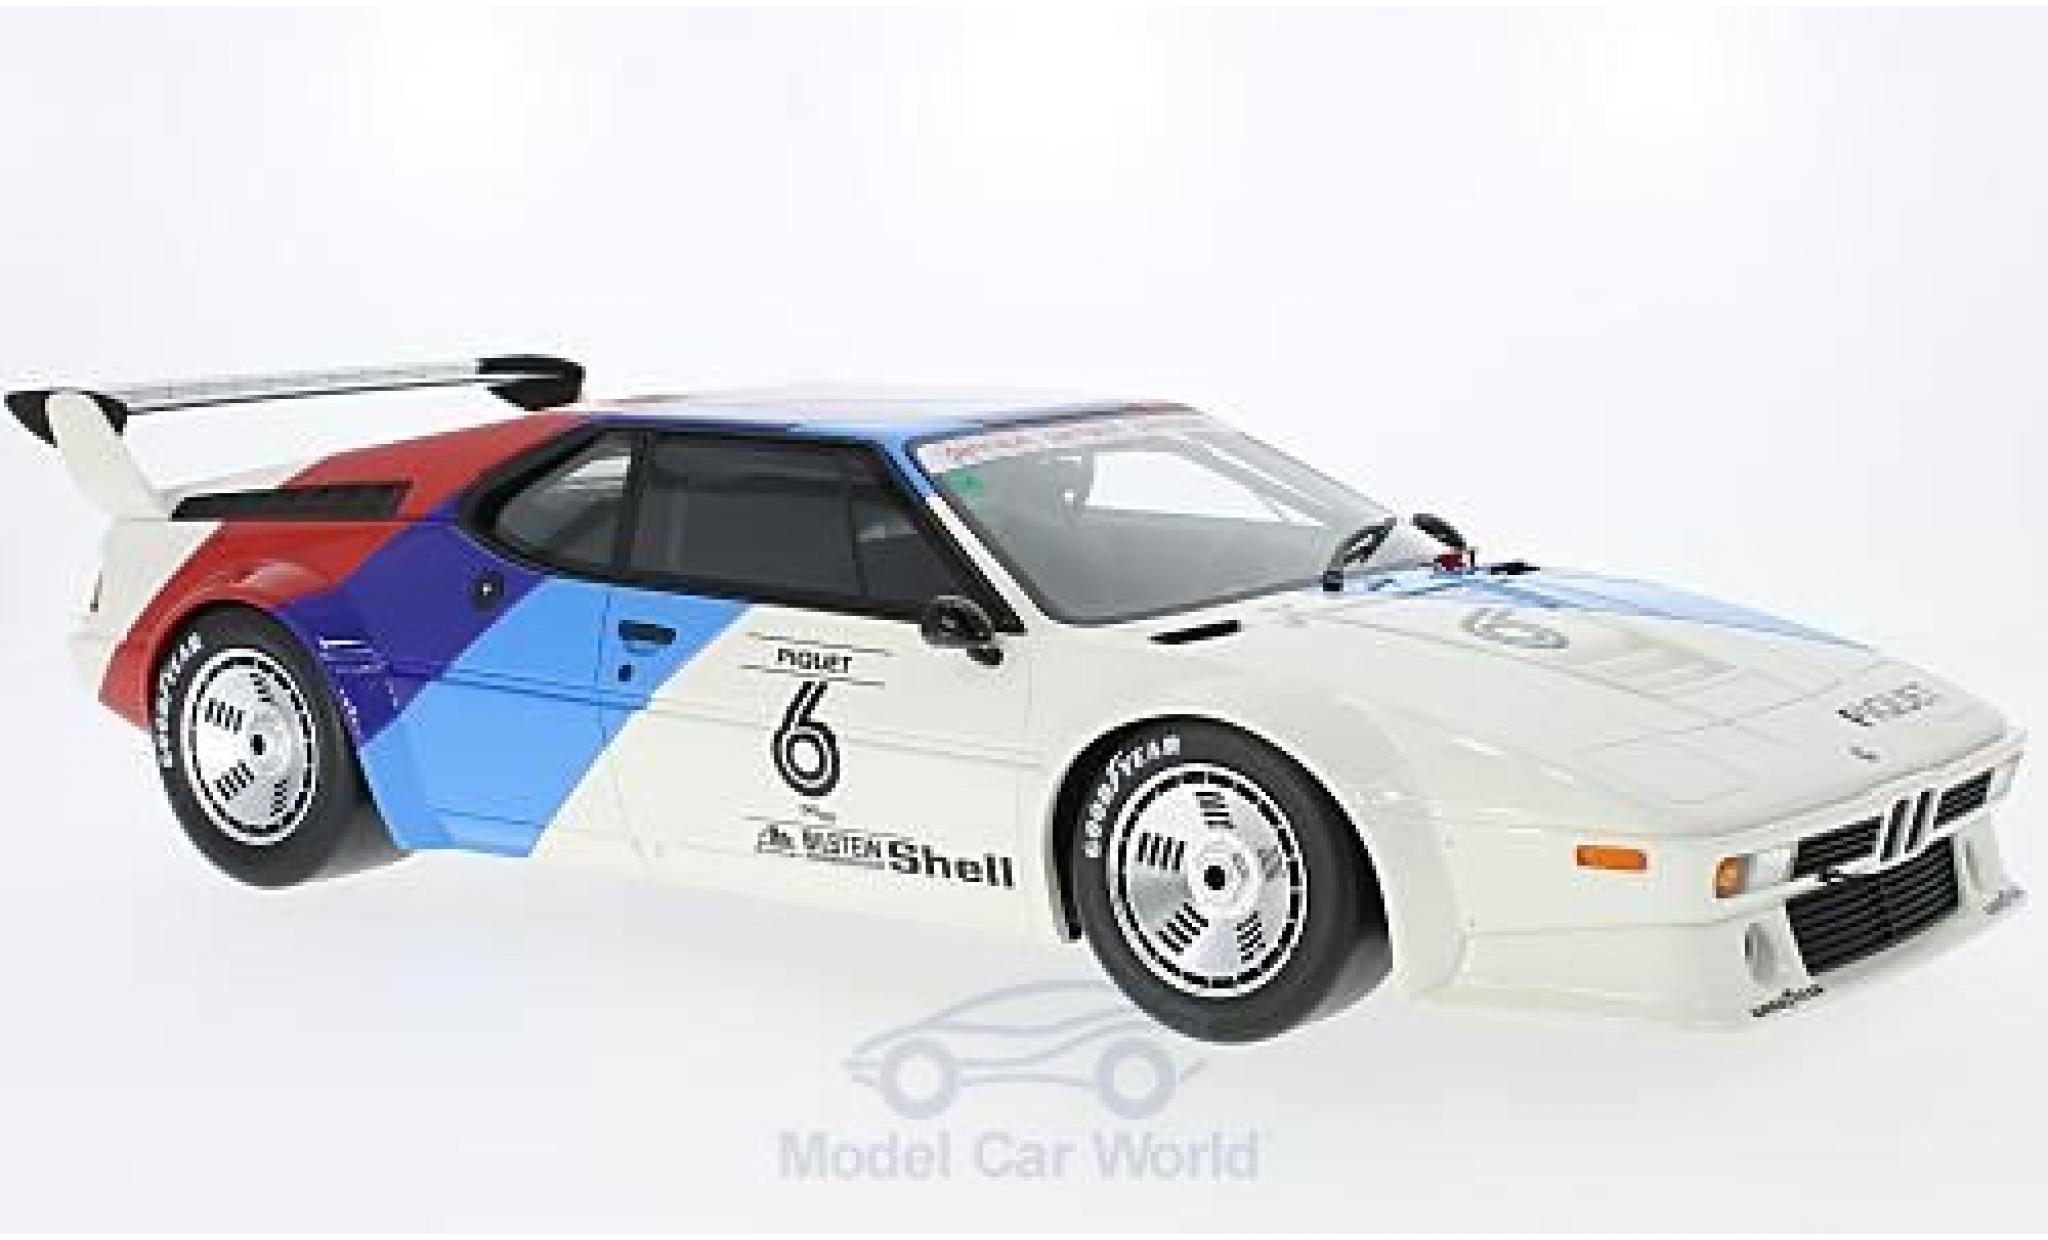 Bmw M1 1979 1/12 CMR Procar No.6 Procar mit Decals N.Piquet